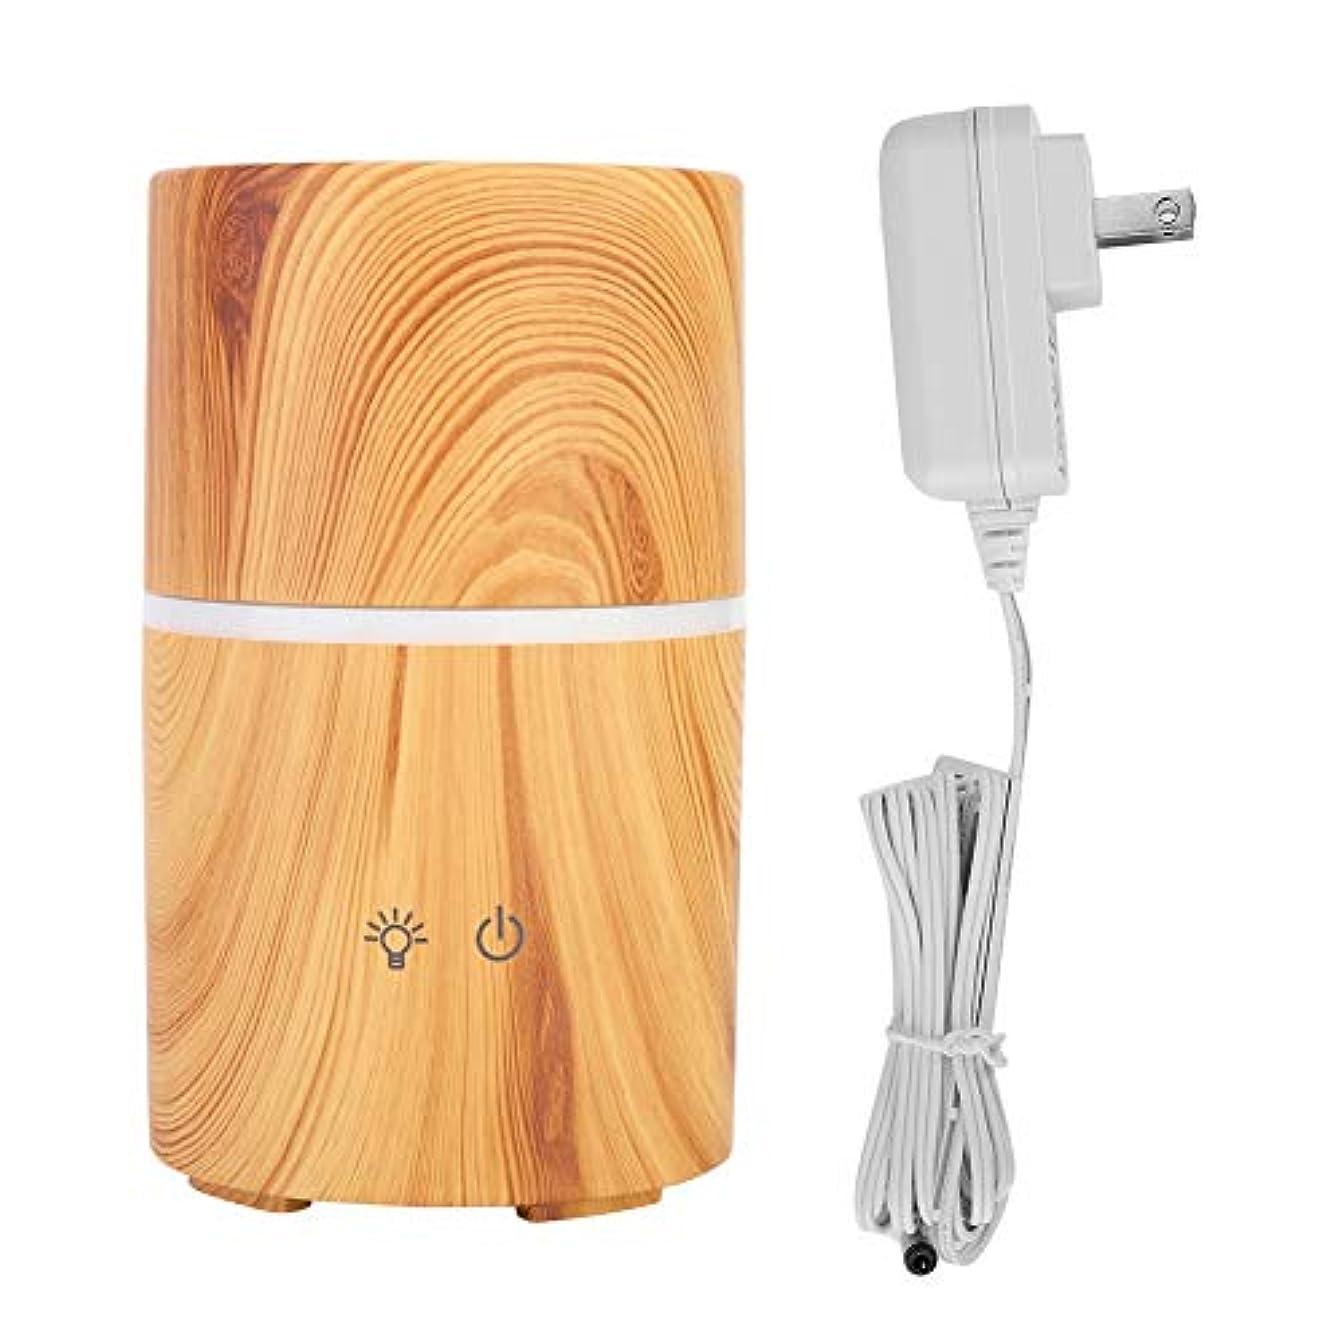 斧優しい足首アロマセラピーディフューザー、多目的木目LEDインテリジェントディフューザーワイヤレススピーカー加湿器家庭用装飾(USプラグ100-240V)